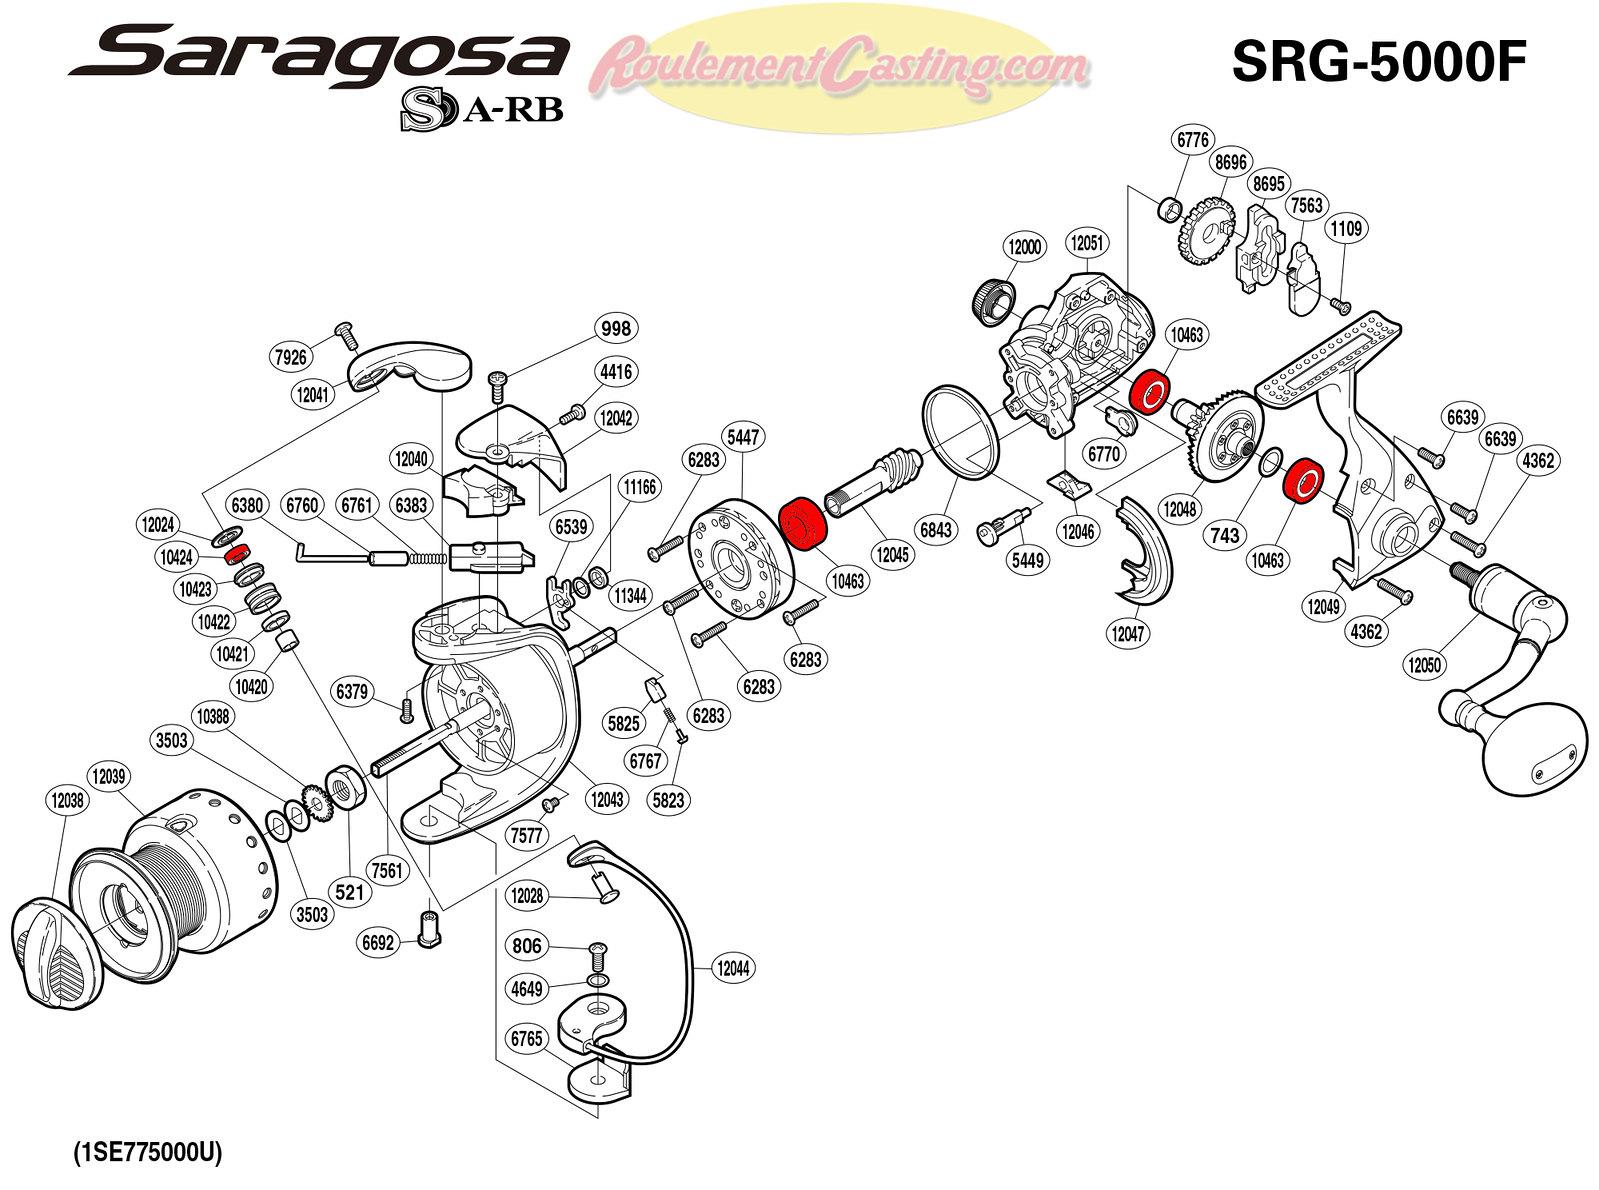 Schema-Shimano-SARAGOSA-5000F.